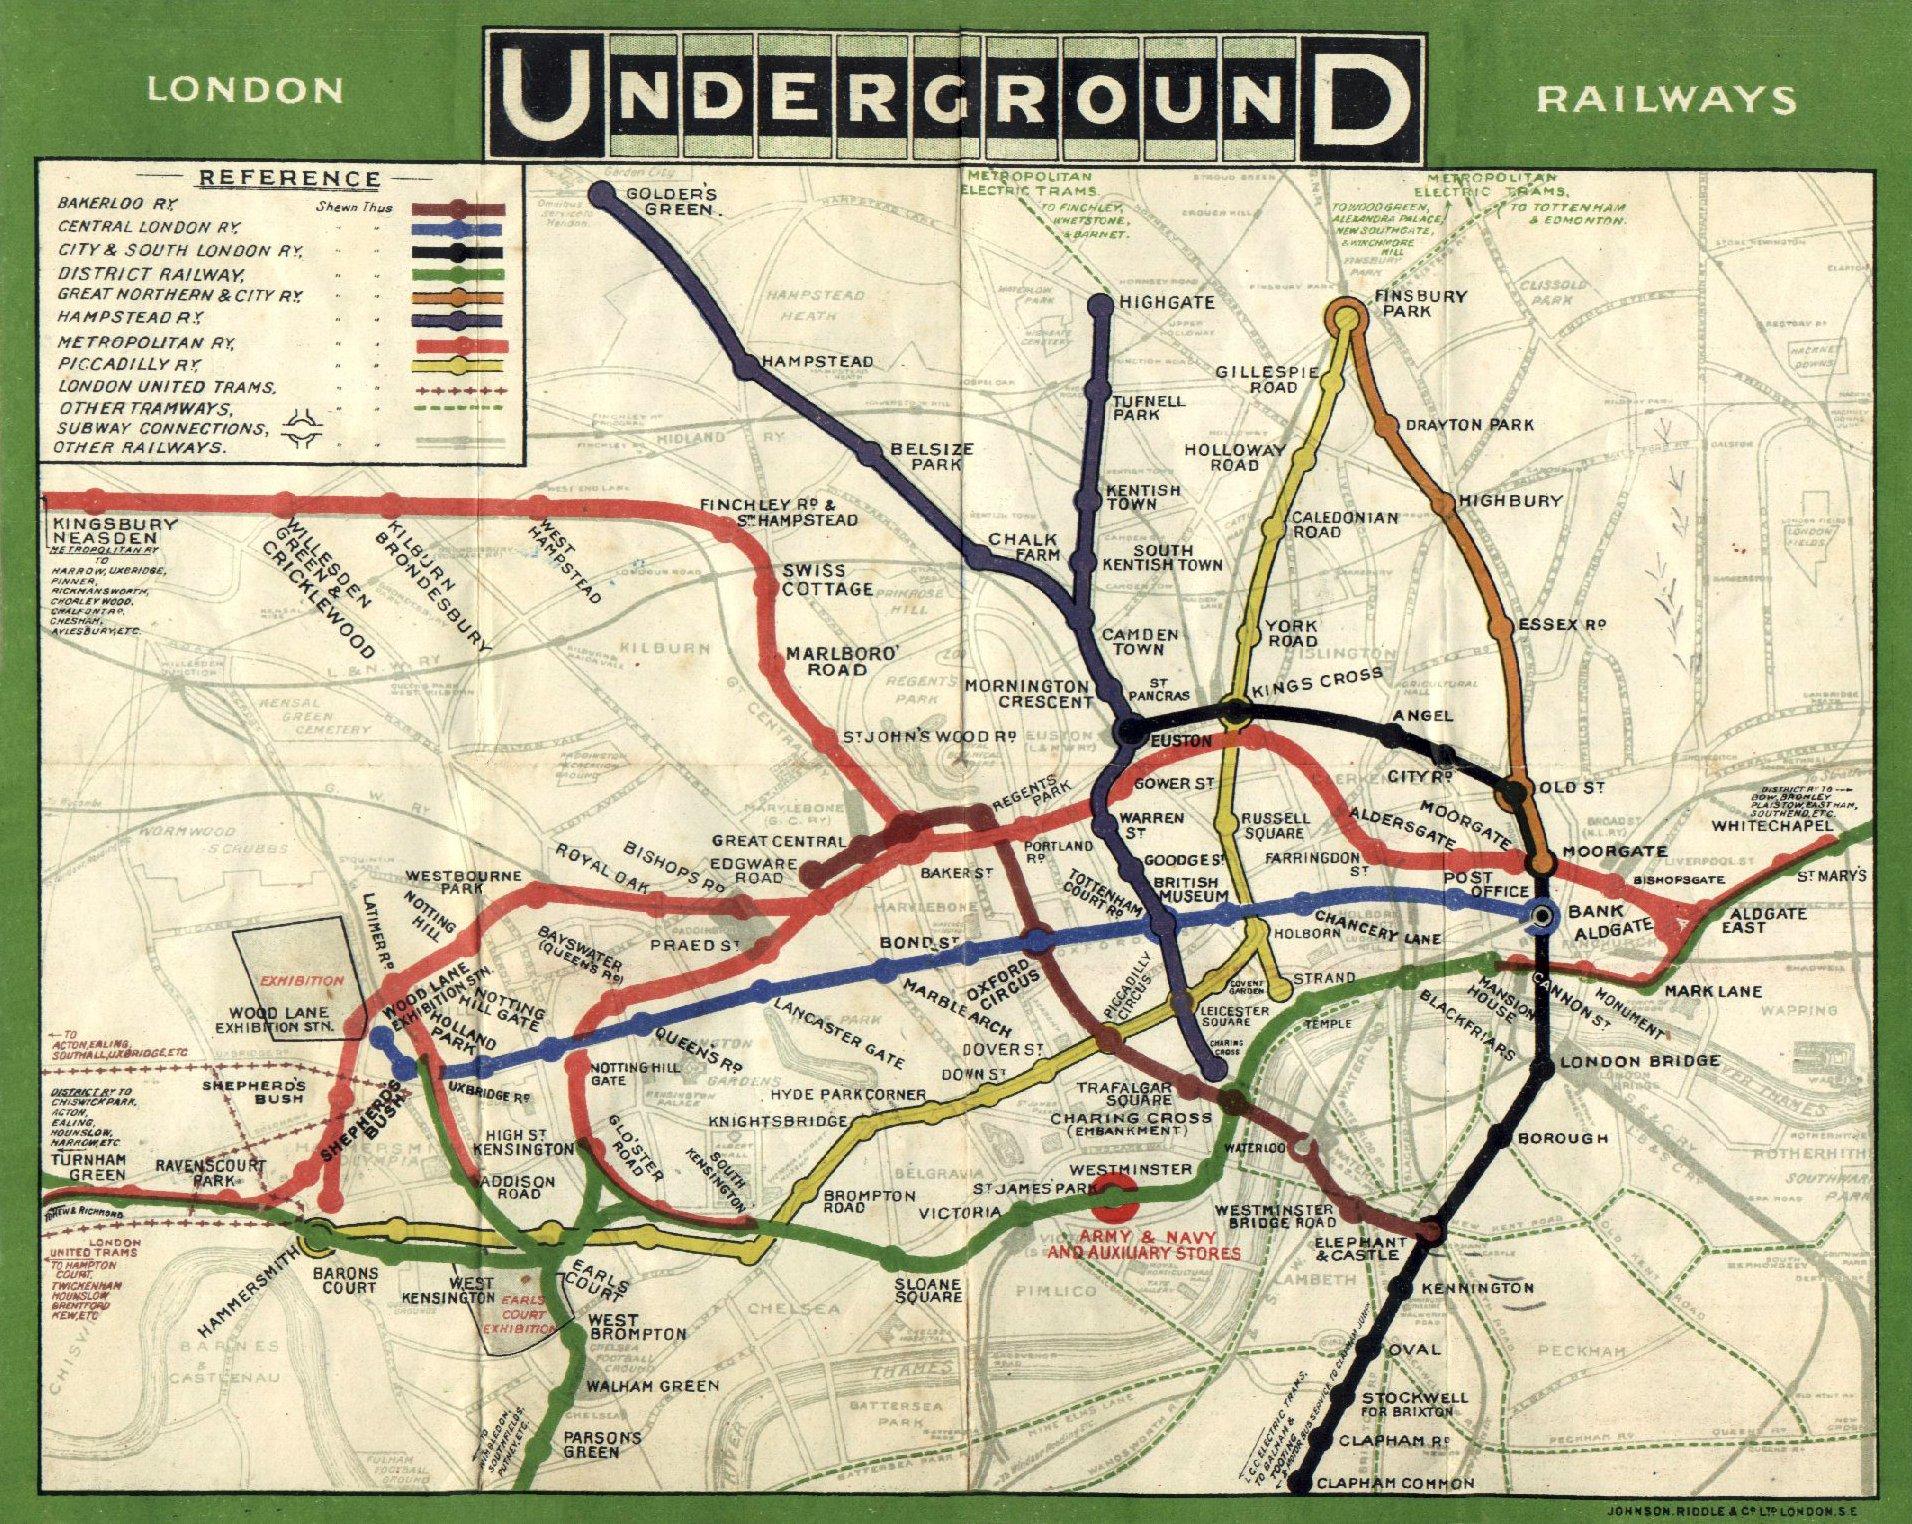 London Underground in 1908